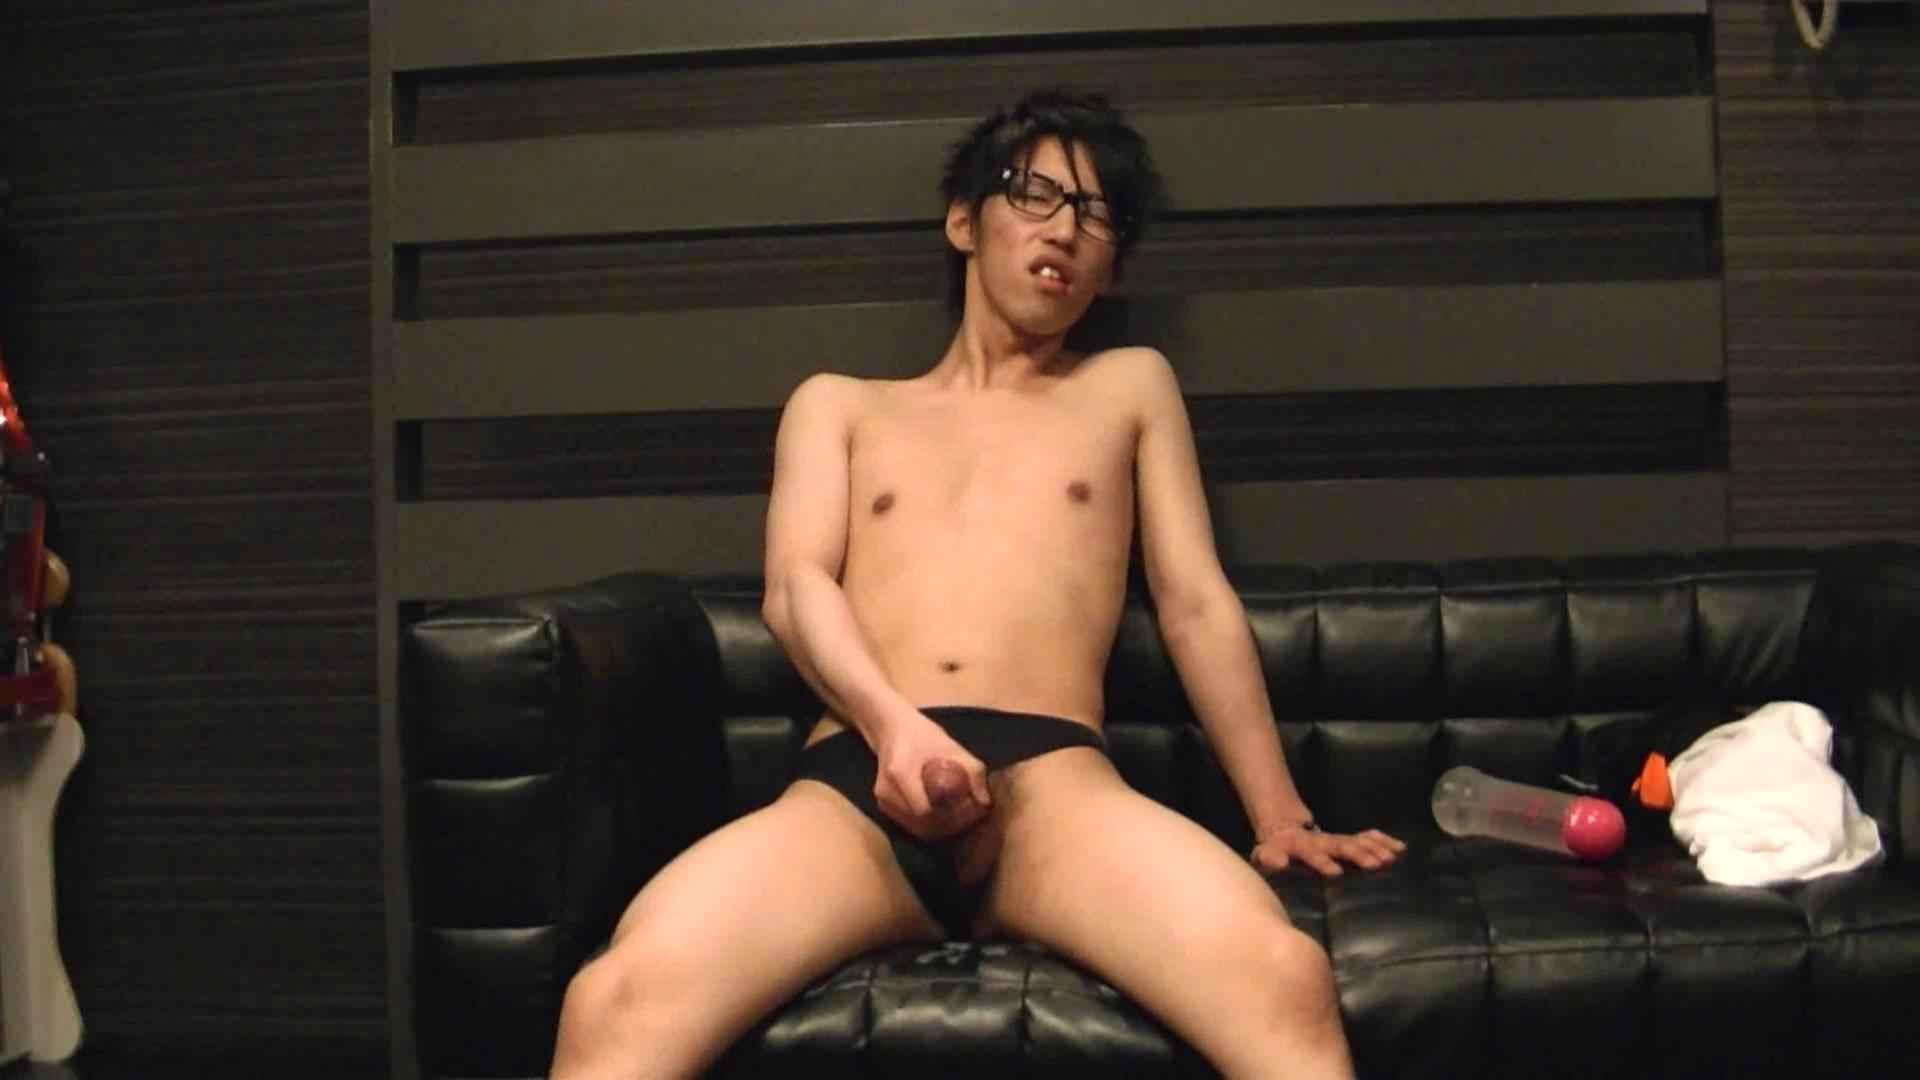 ONA見せカーニバル!! Vol3 ゲイのオナニー映像 | 男祭り  103枚 23